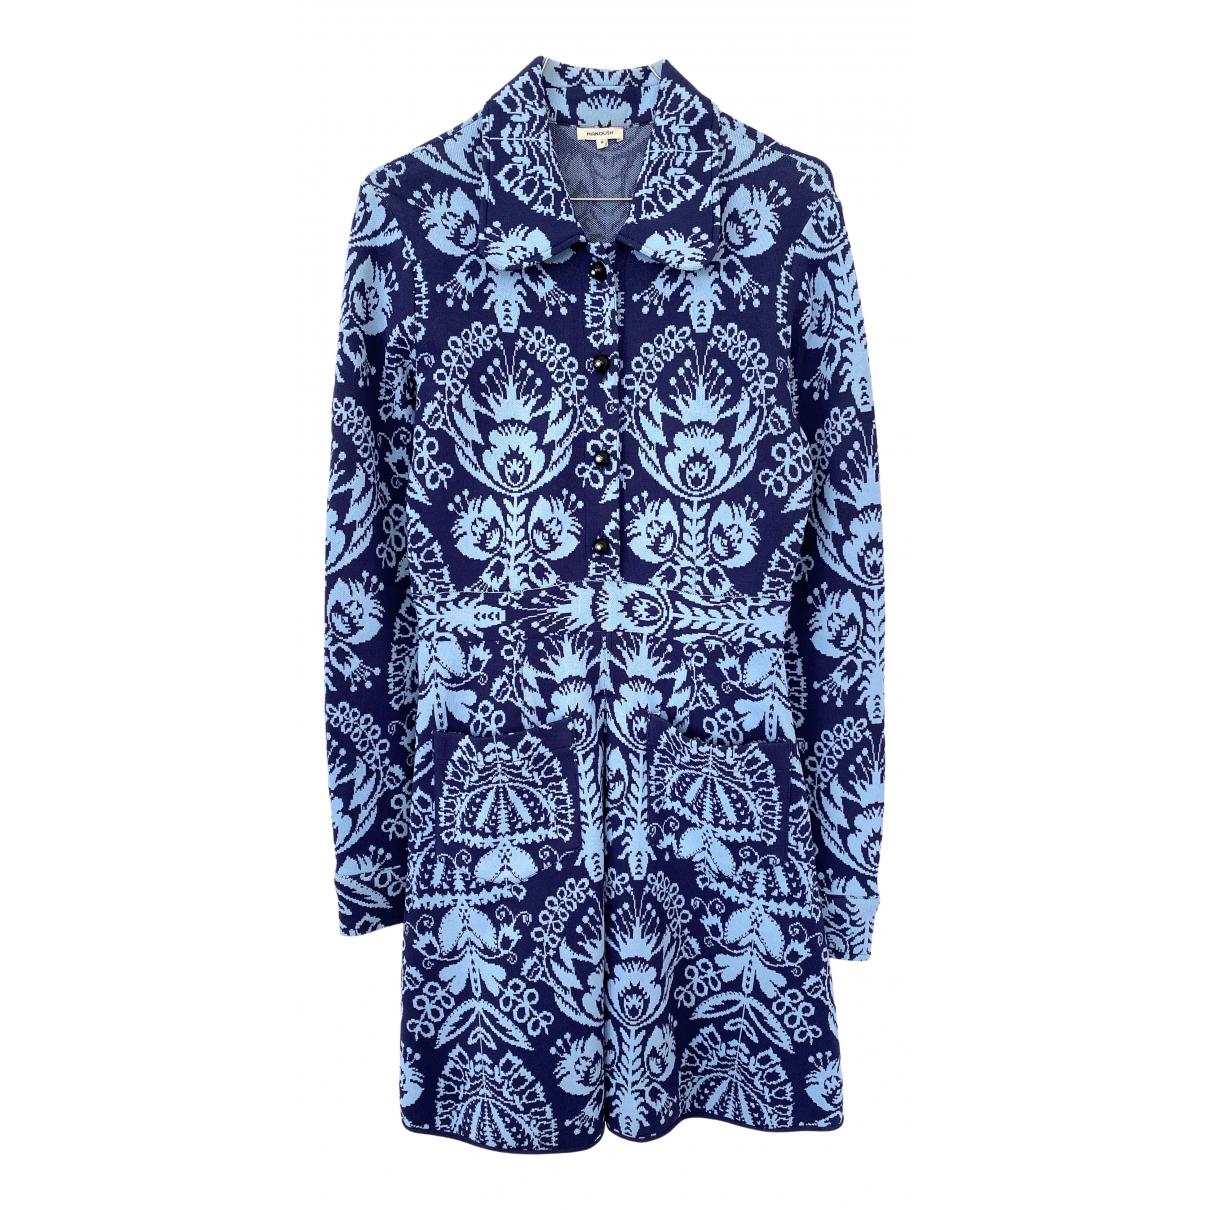 Manoush \N Blue dress for Women M International